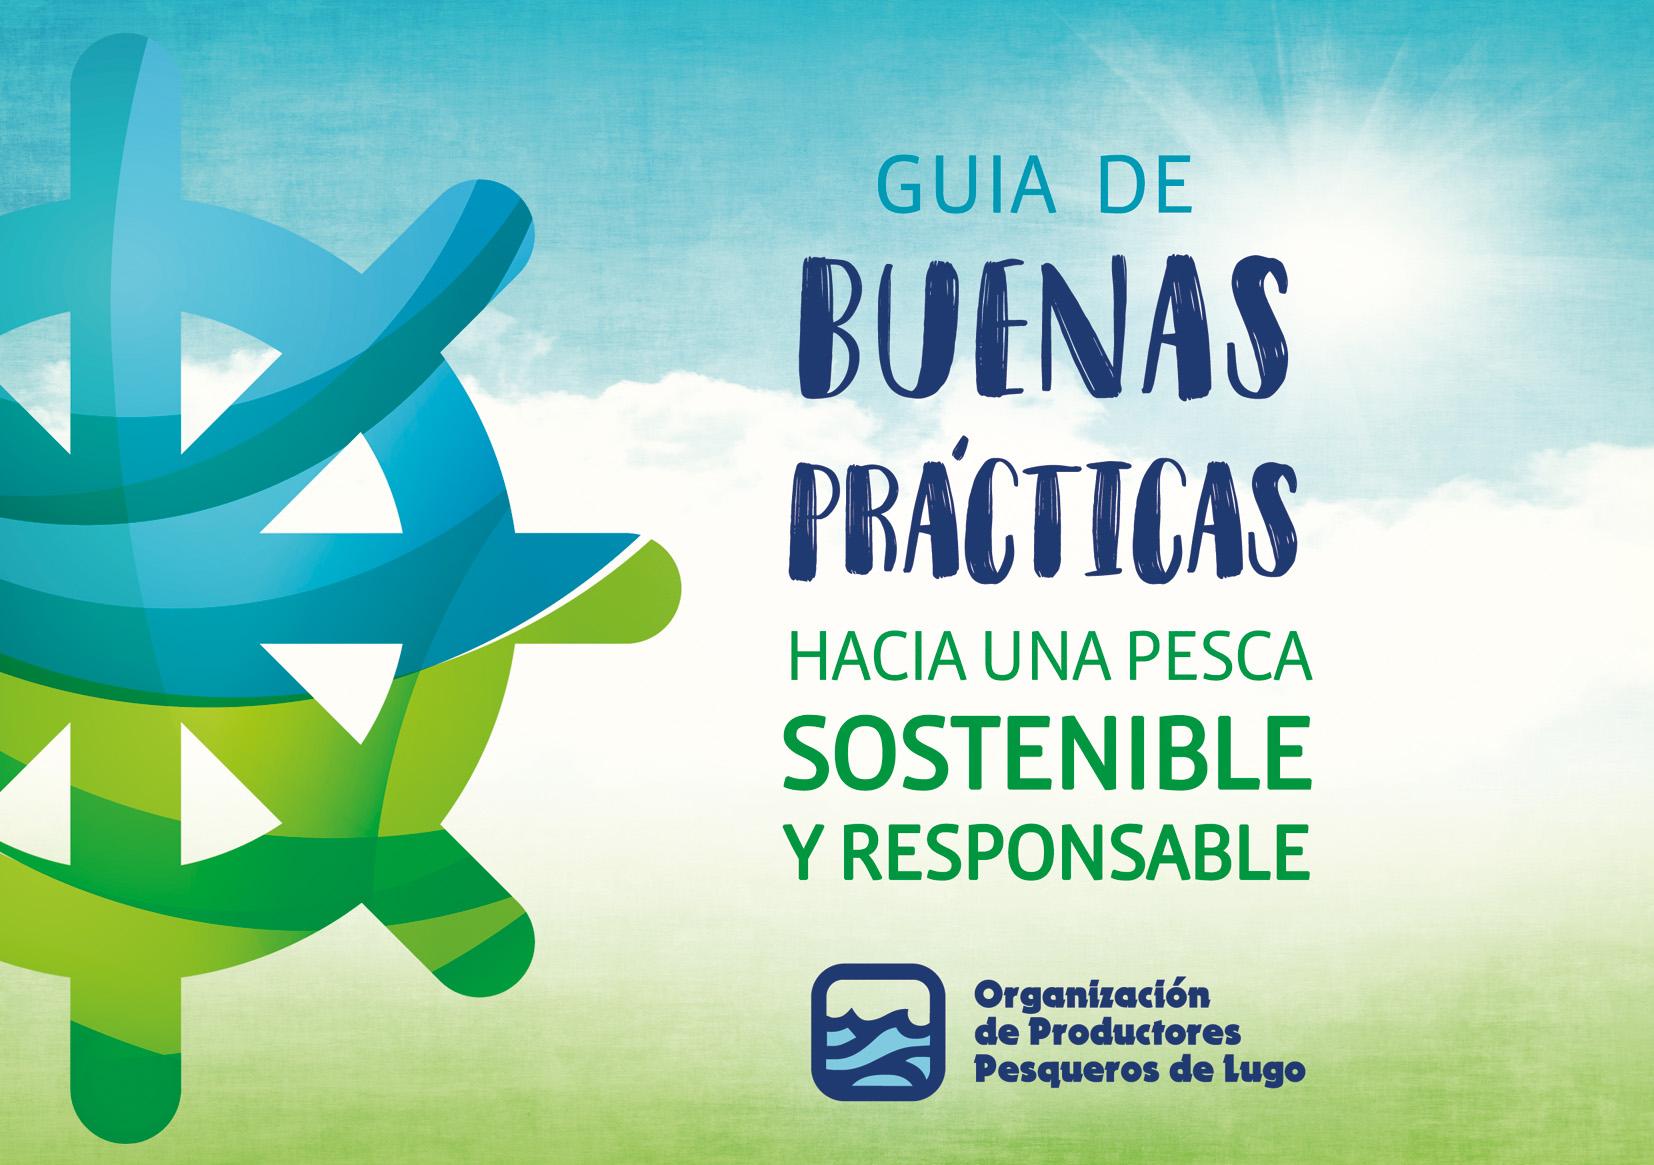 GUIA DE BUENAS PRACTICAS